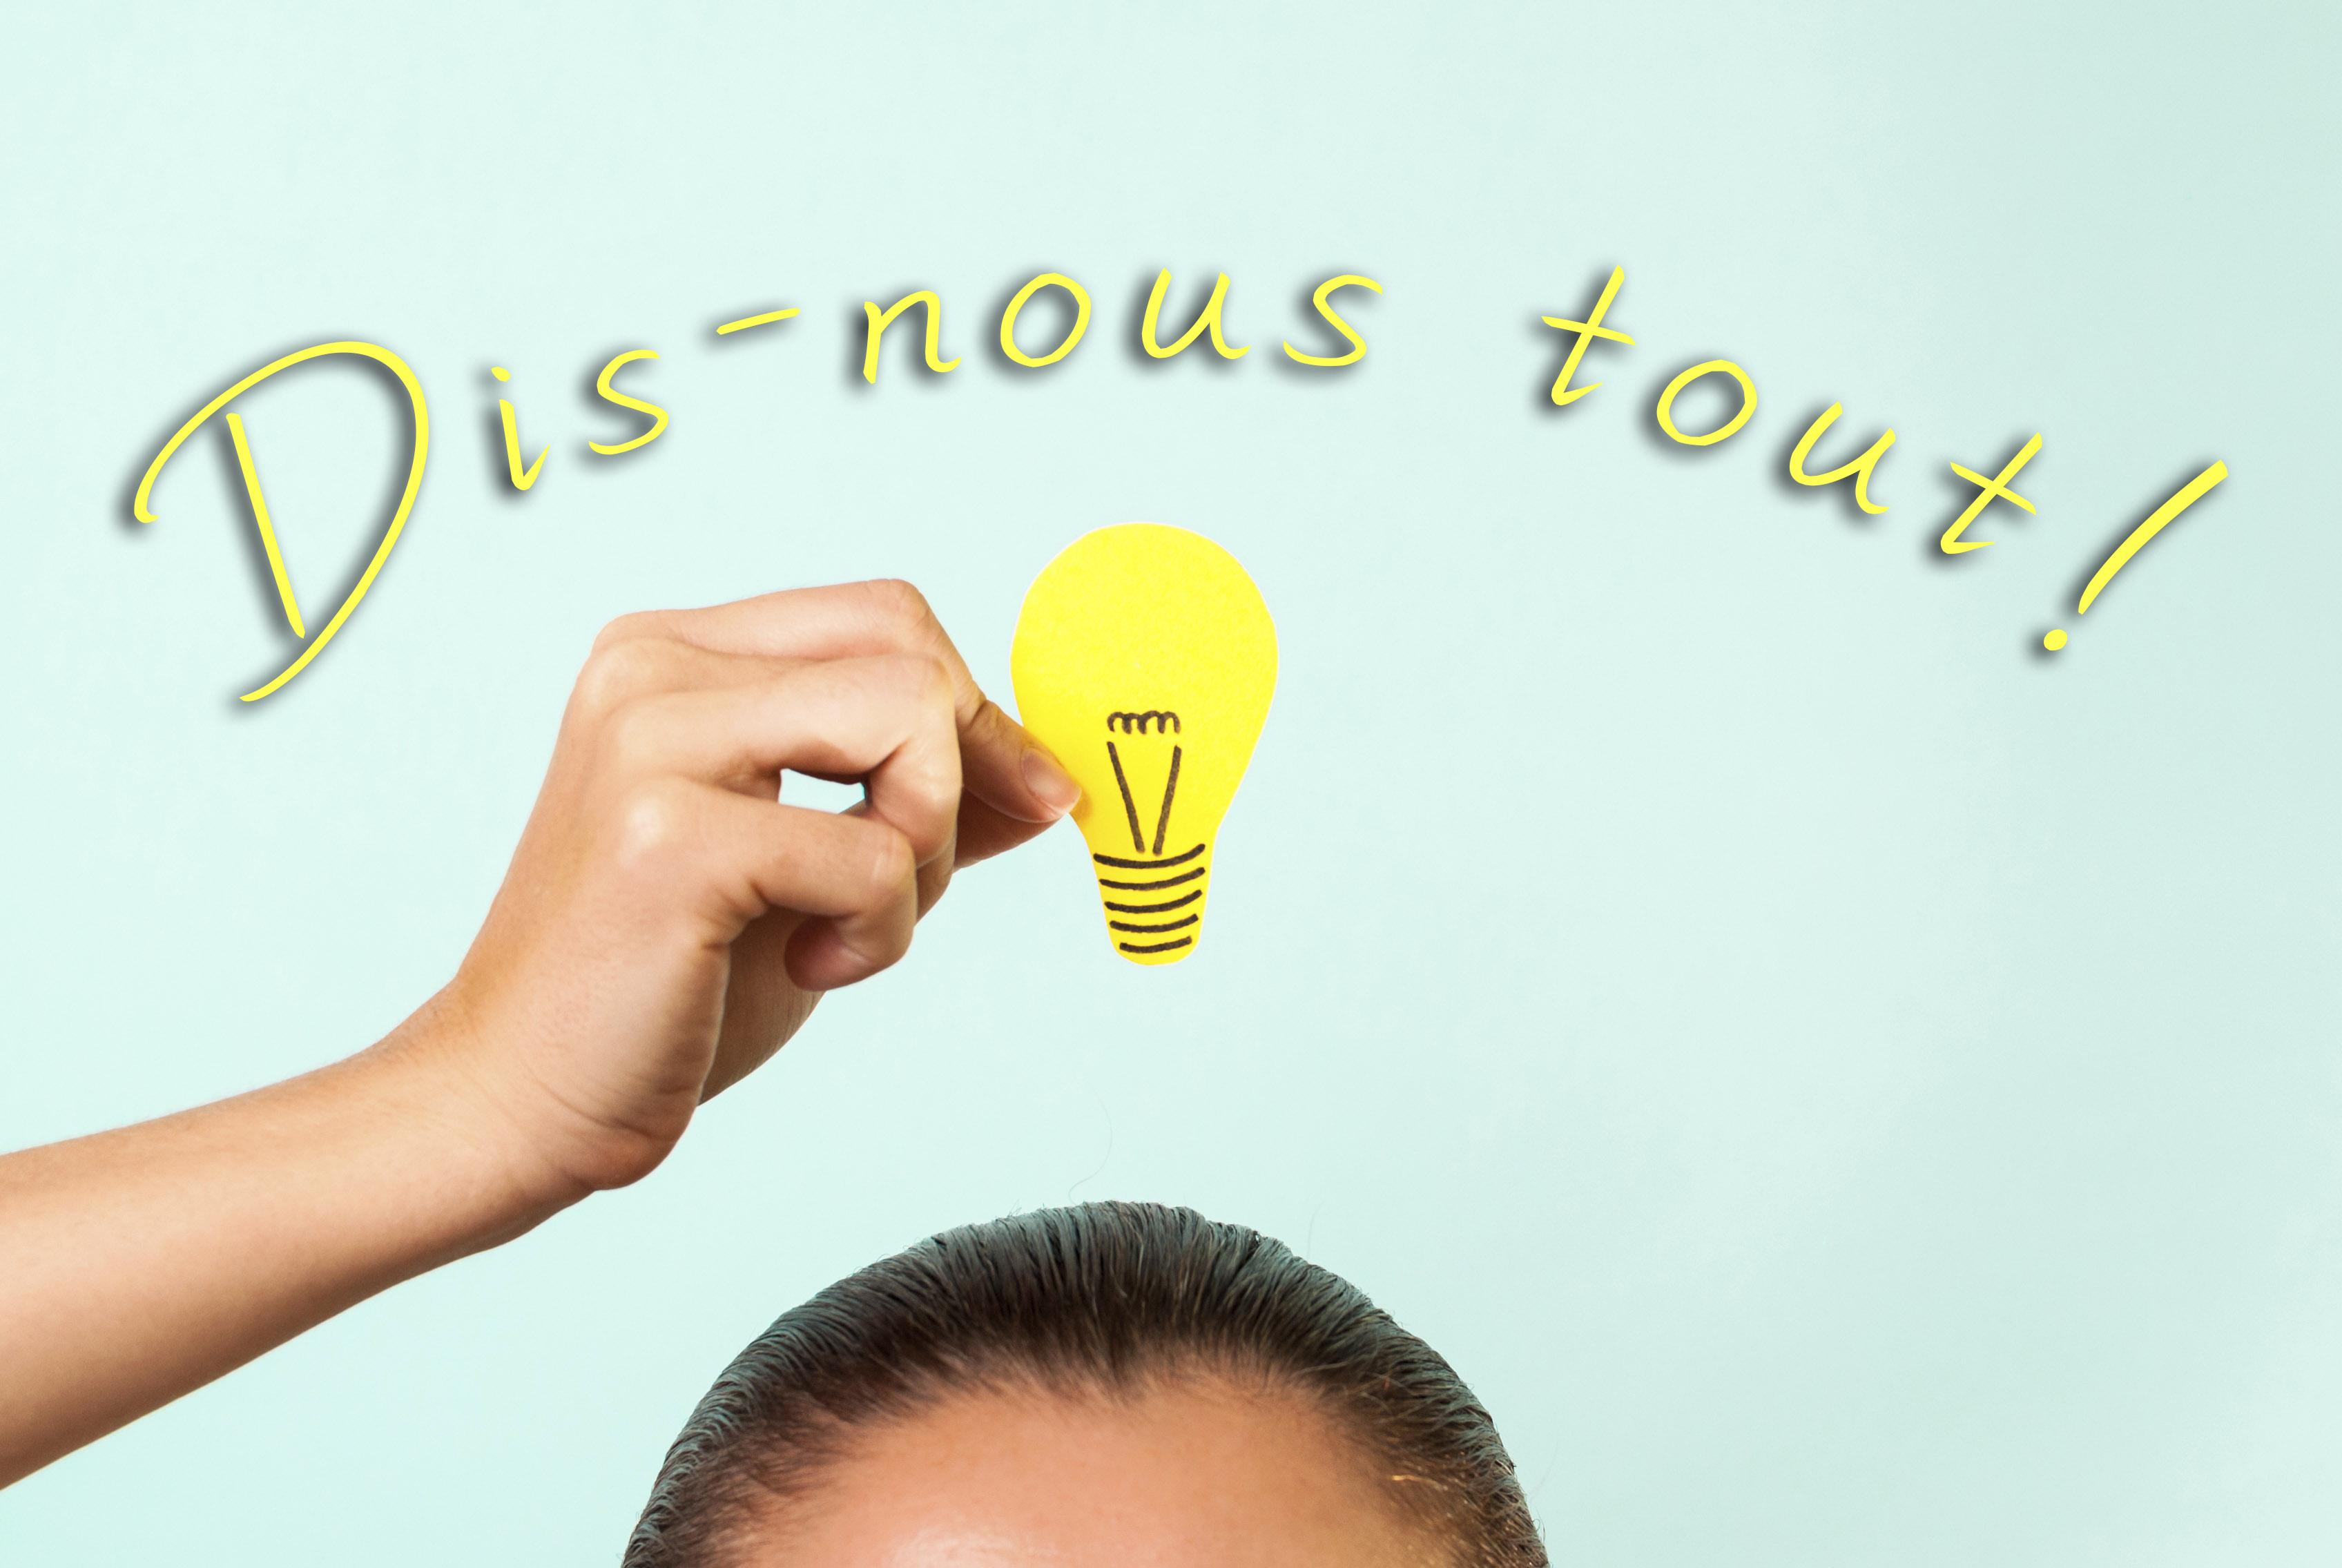 ton avis nous intéresse page blog français en Espagne expat by inov